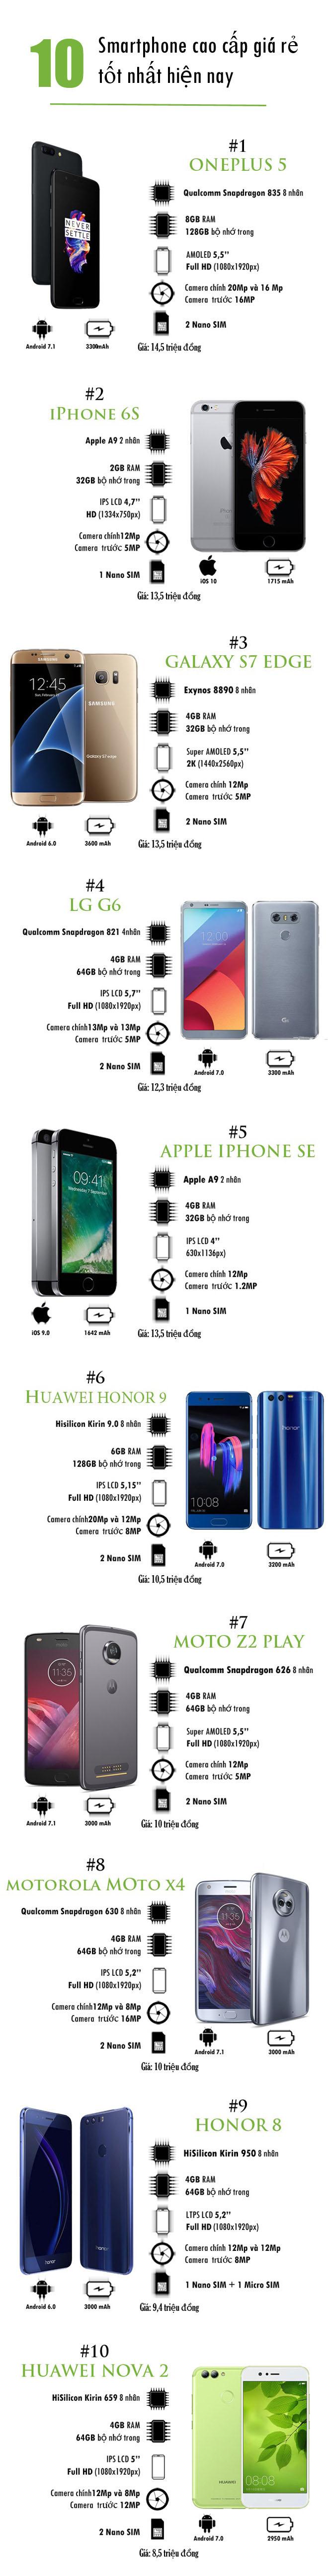 10 smartphone cao cấp giá rẻ tốt nhất hiện nay - 1